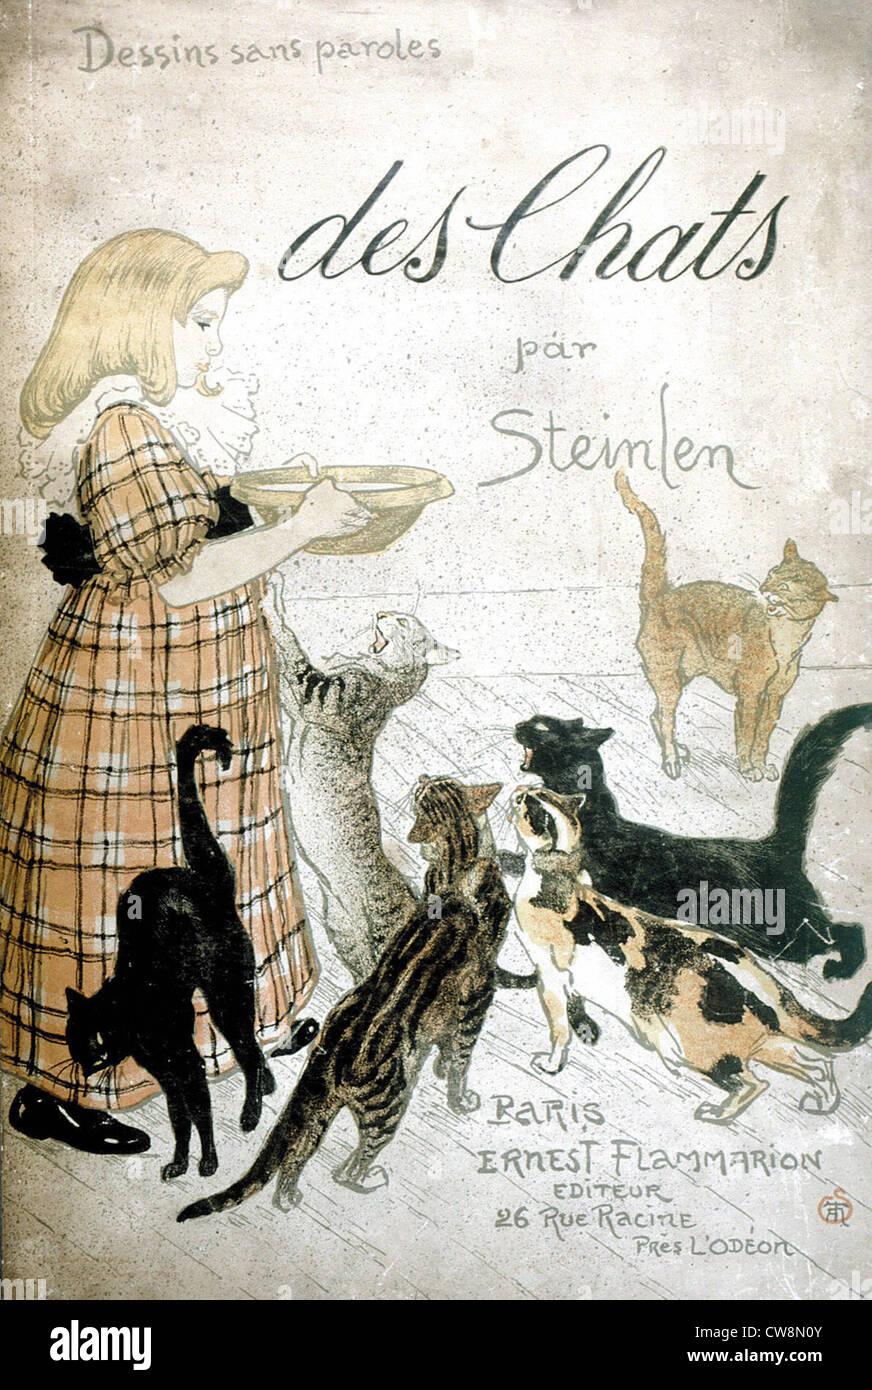 Les chats, des images sans mots par Steinlen Photo Stock